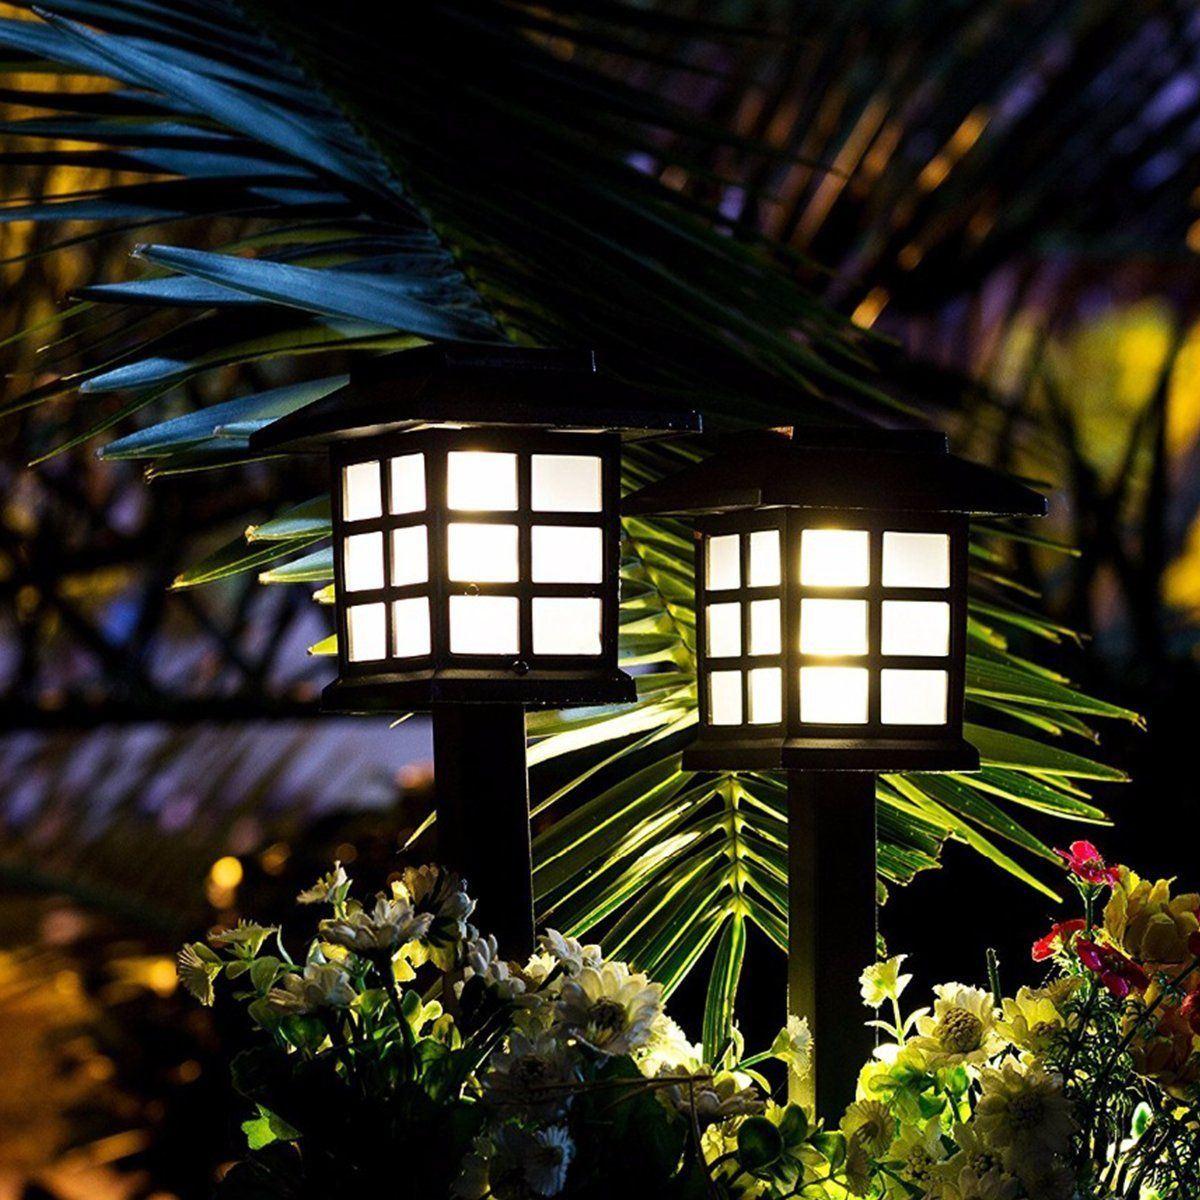 Kültéri Napelemes Kerti Lámpa 2 db-os